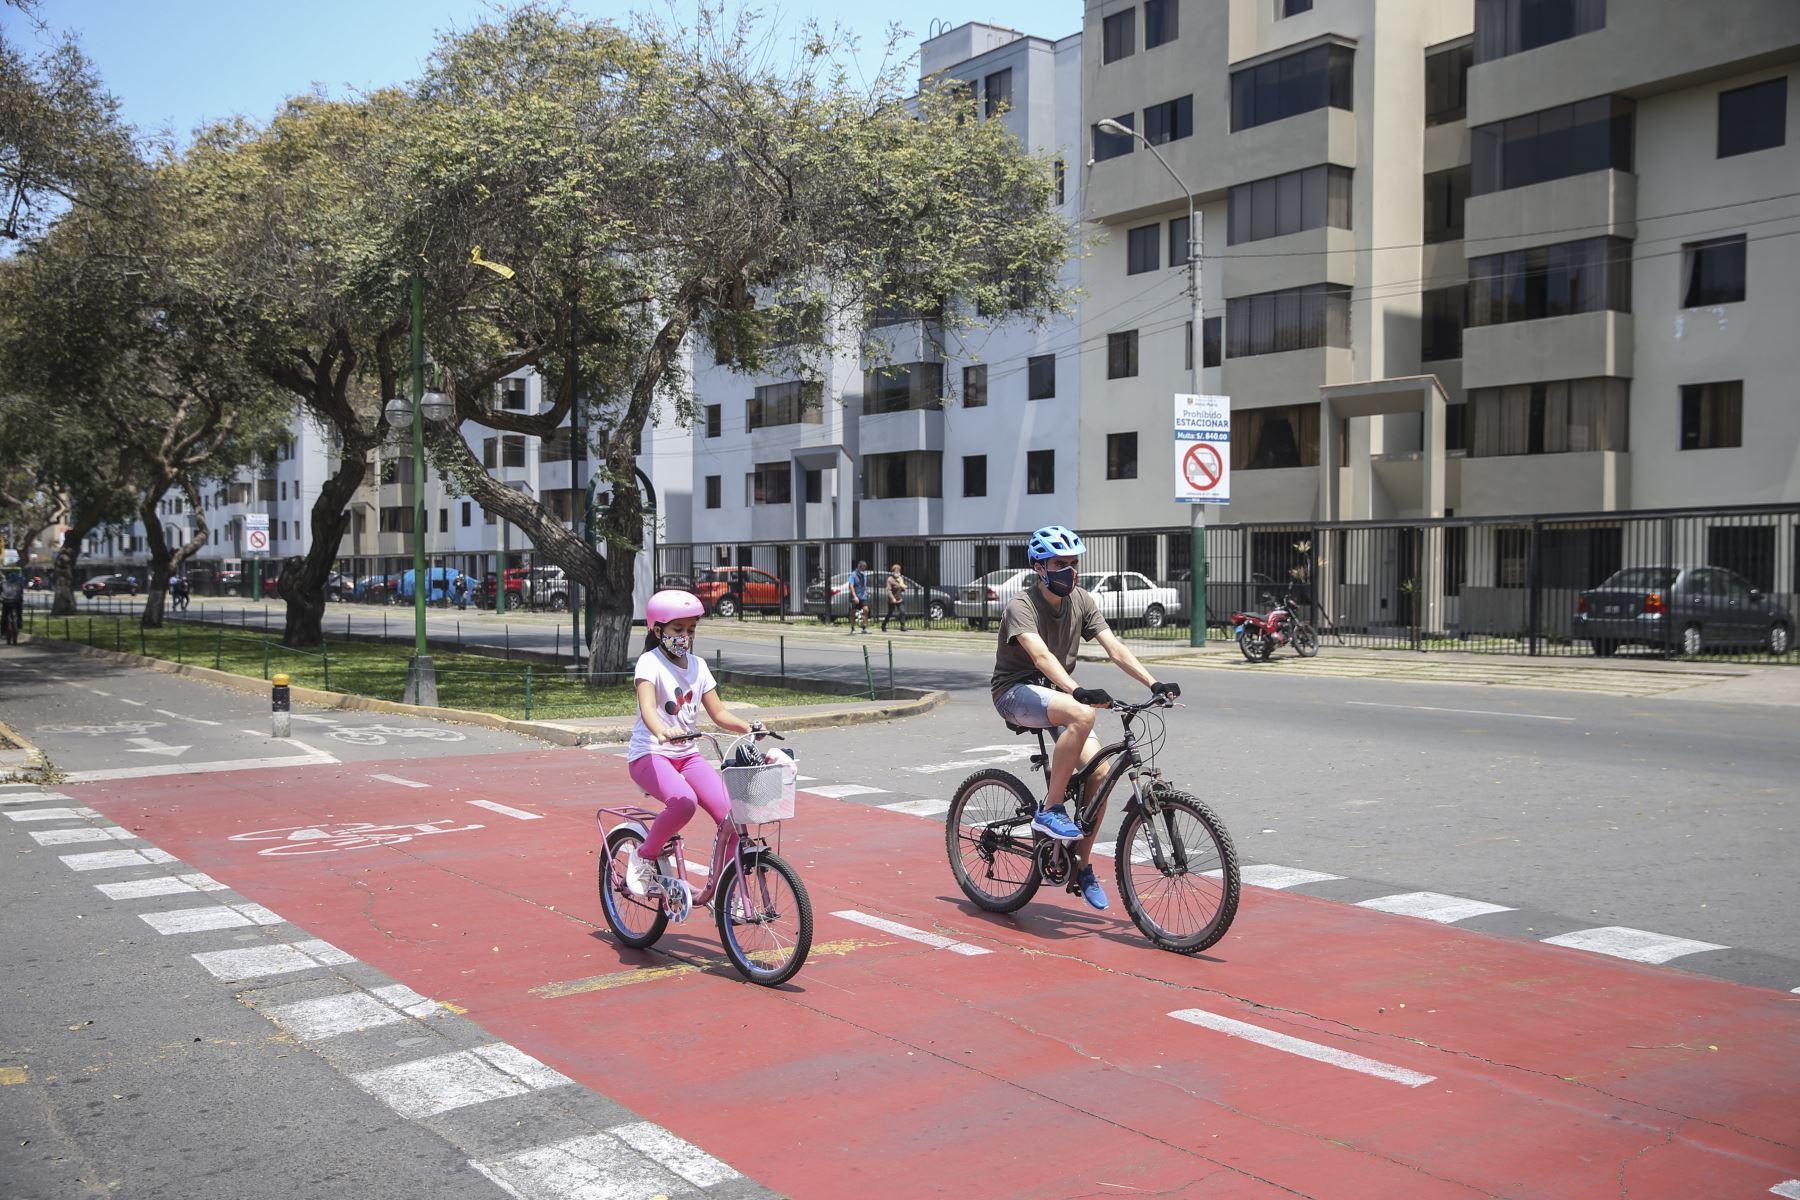 Ciudadanos se desplazan en bicicleta en avenida Salaverry este domingo tras levantamiento de inmovilización social obligatoria. Foto: ANDINA/Jhonel Rodríguez